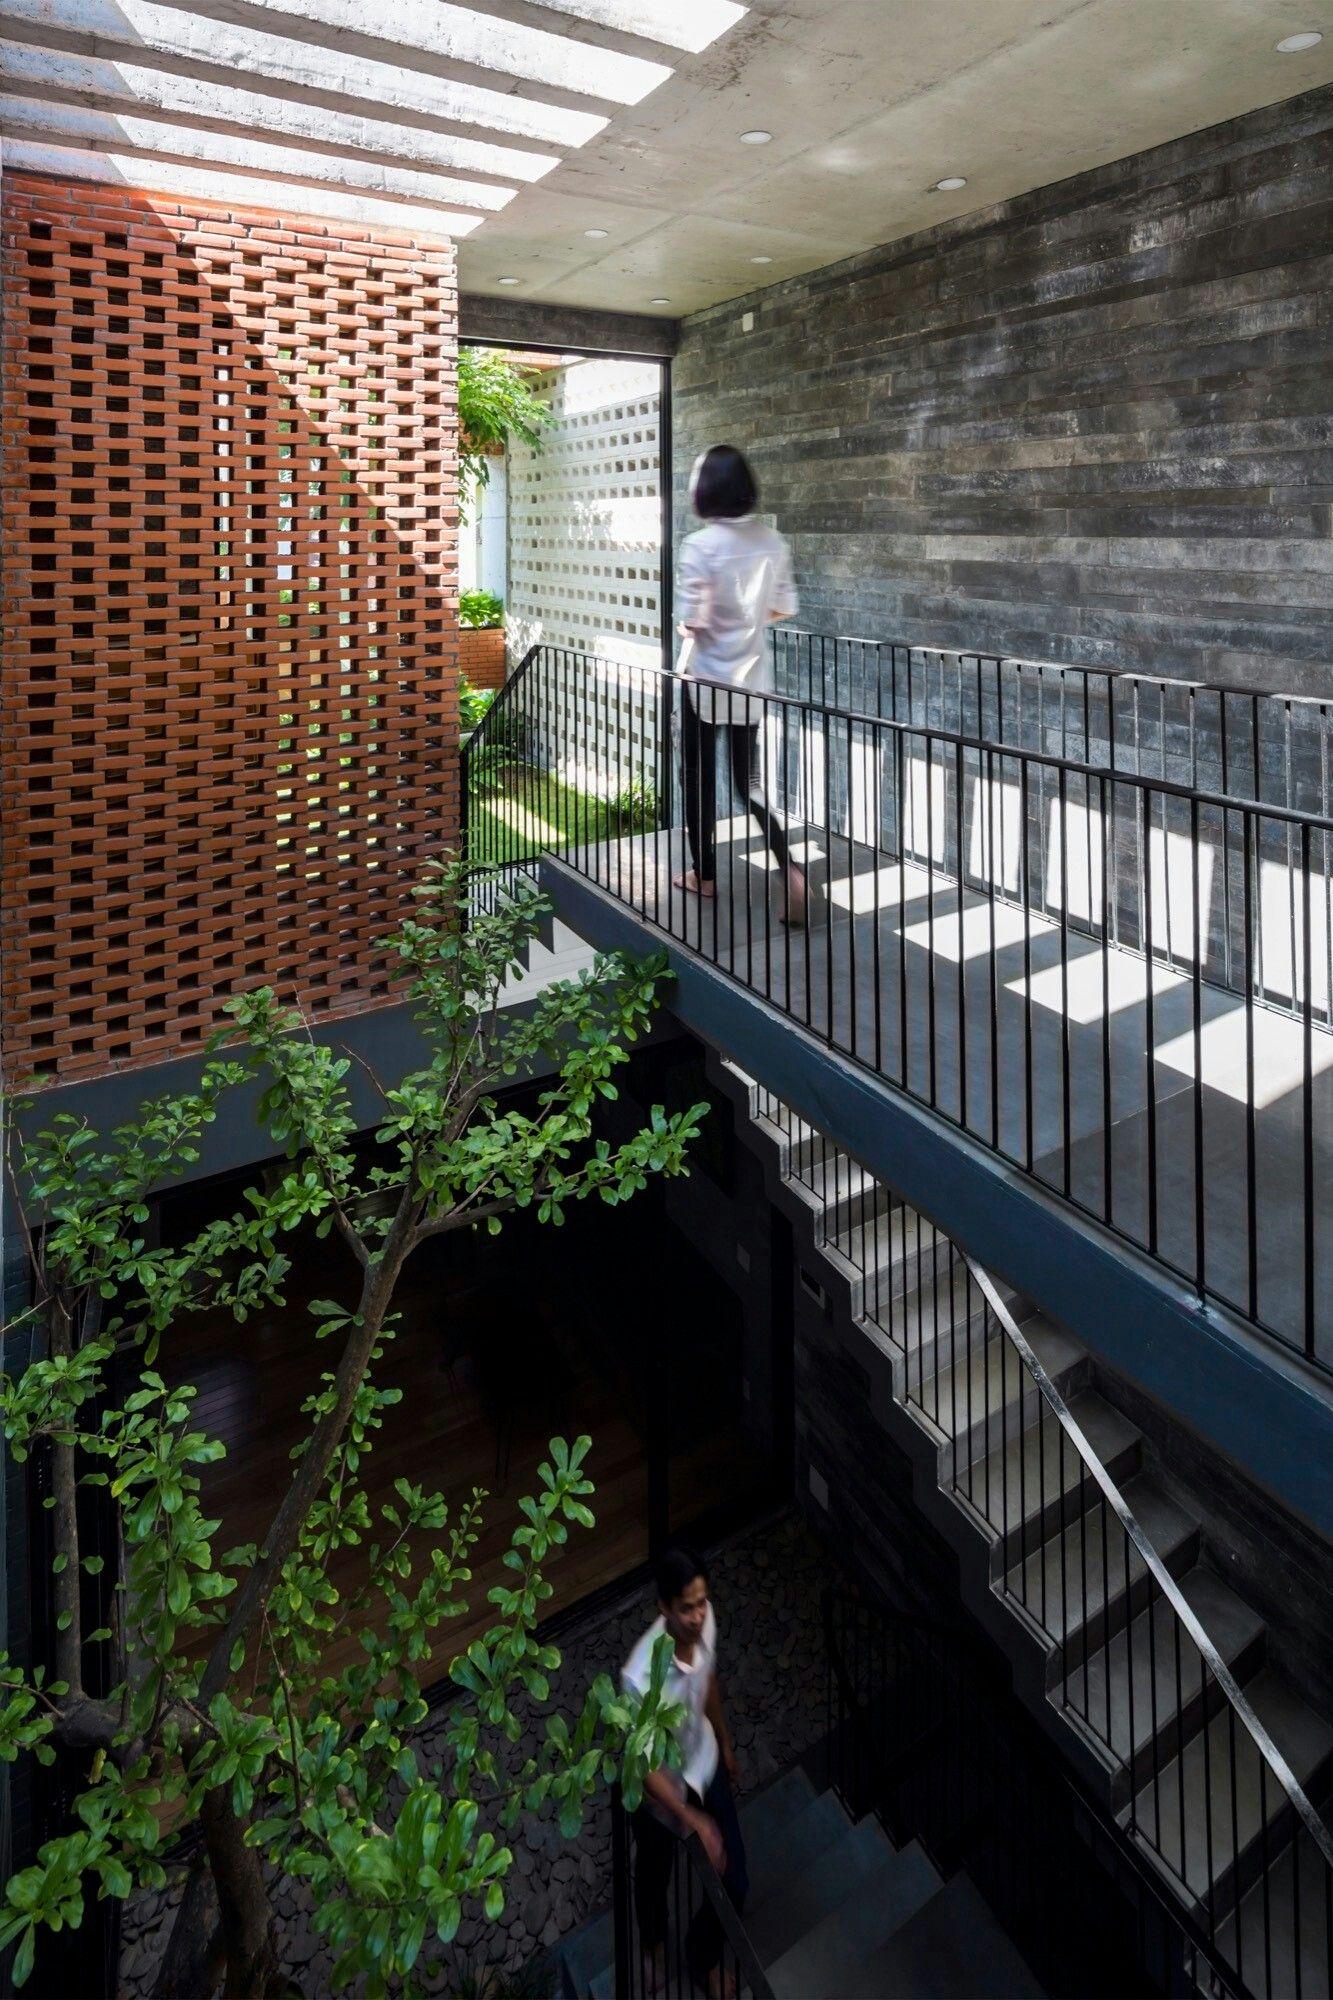 Pin von Gary Foo auf Architecture. Models | Pinterest